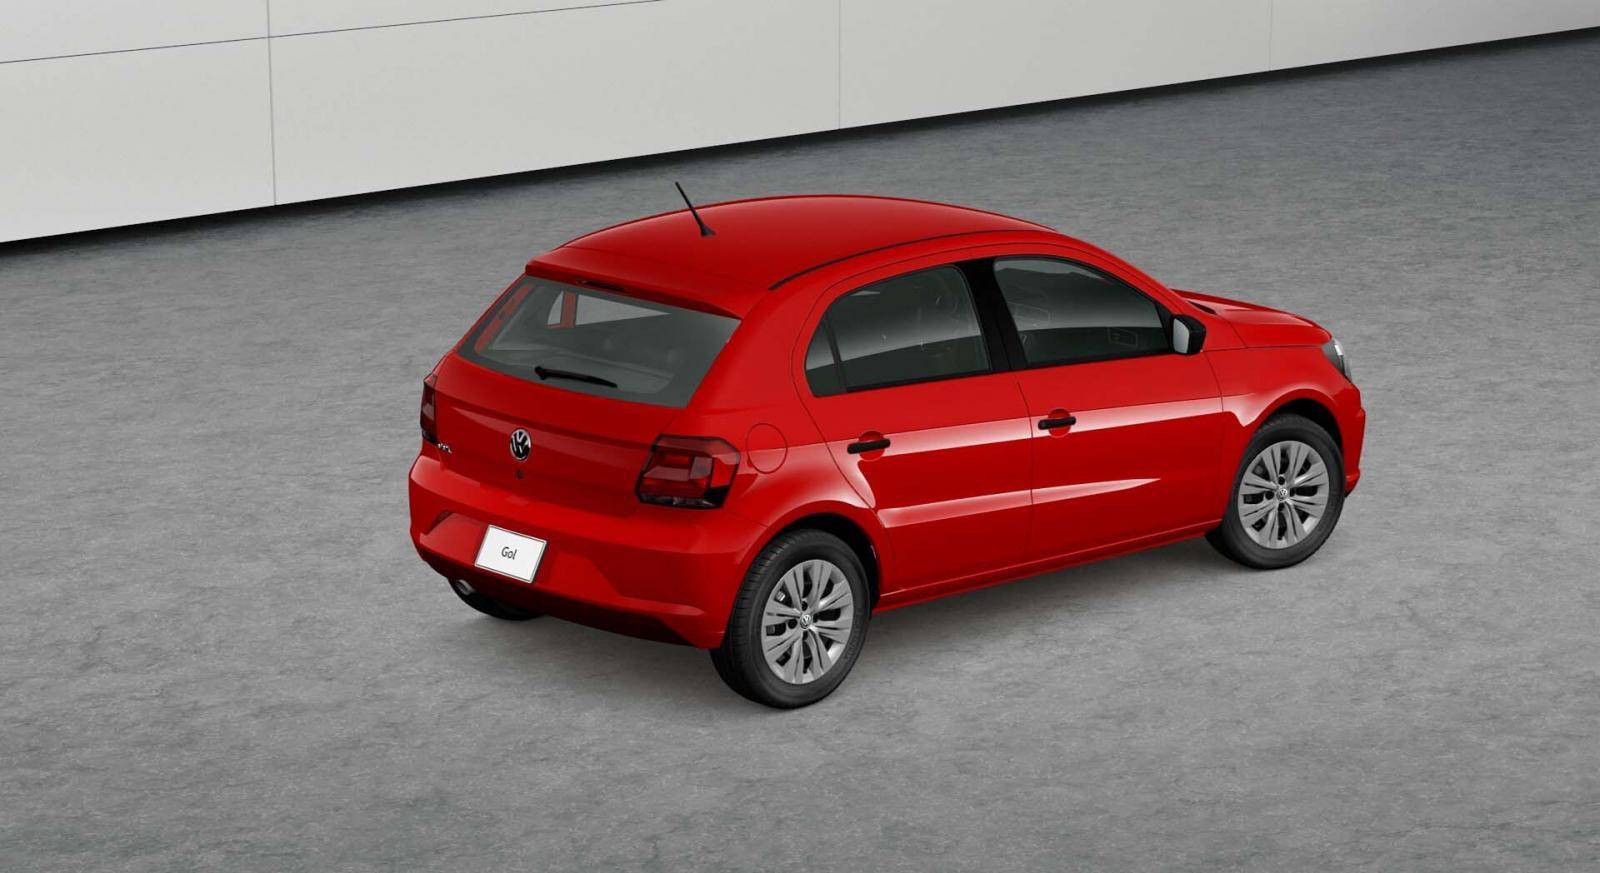 El Volkswagen Gol 2019 tiene 3.8 metros de largo